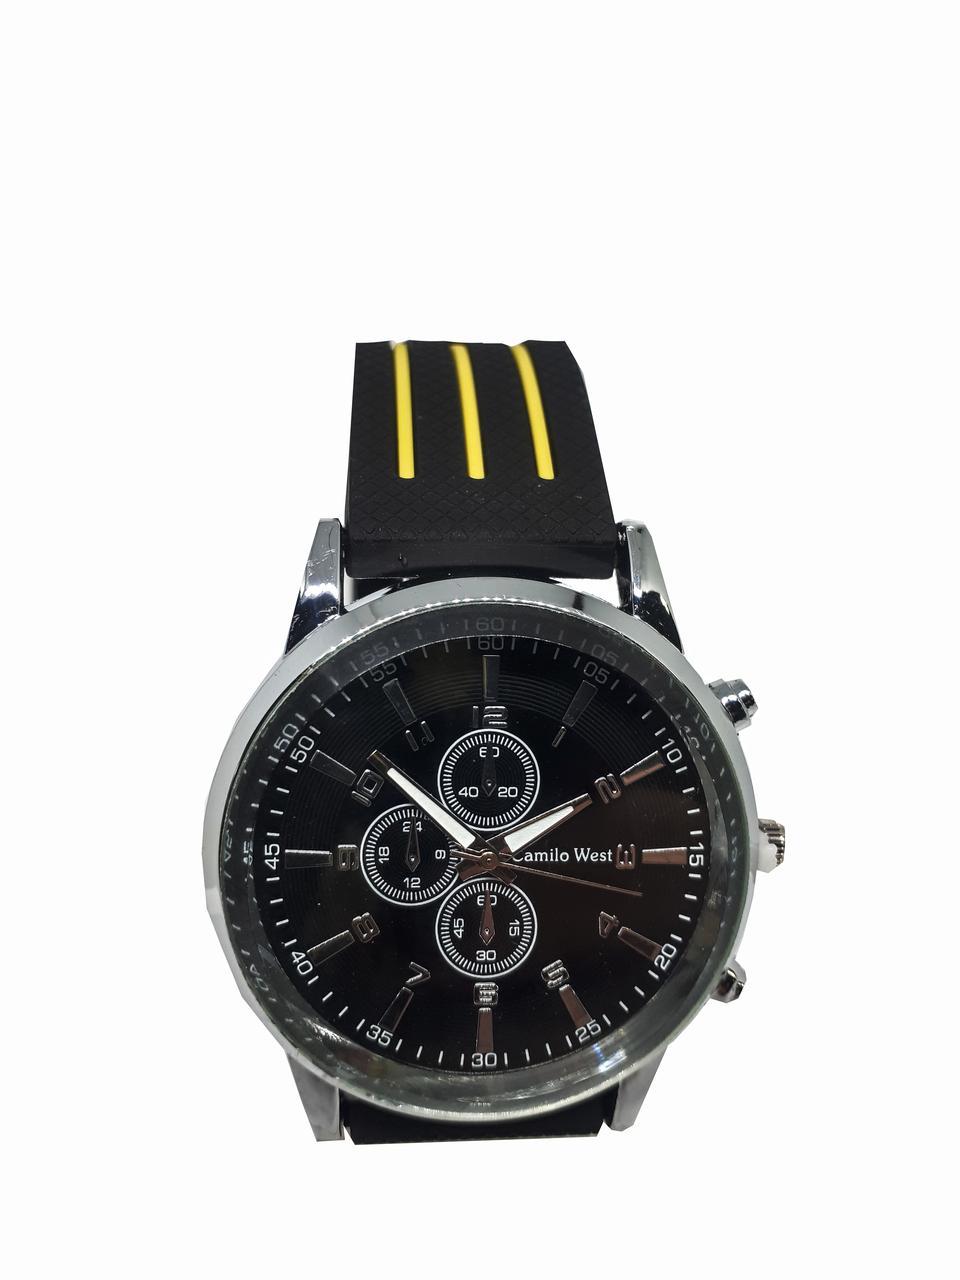 Часы молодежные мужские Camilo West на силиконовом ремешке. Желтый